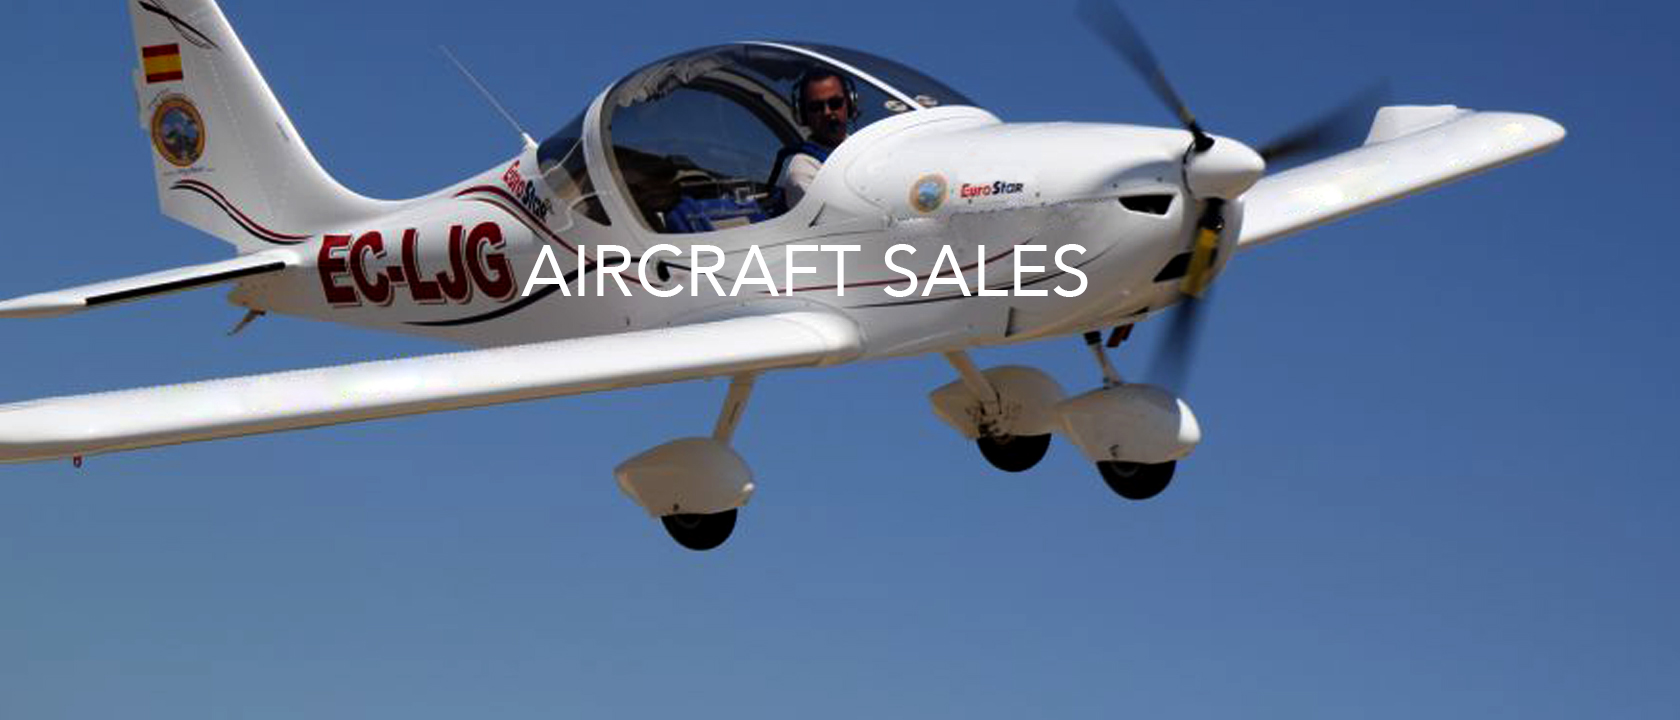 Aircraft Sales